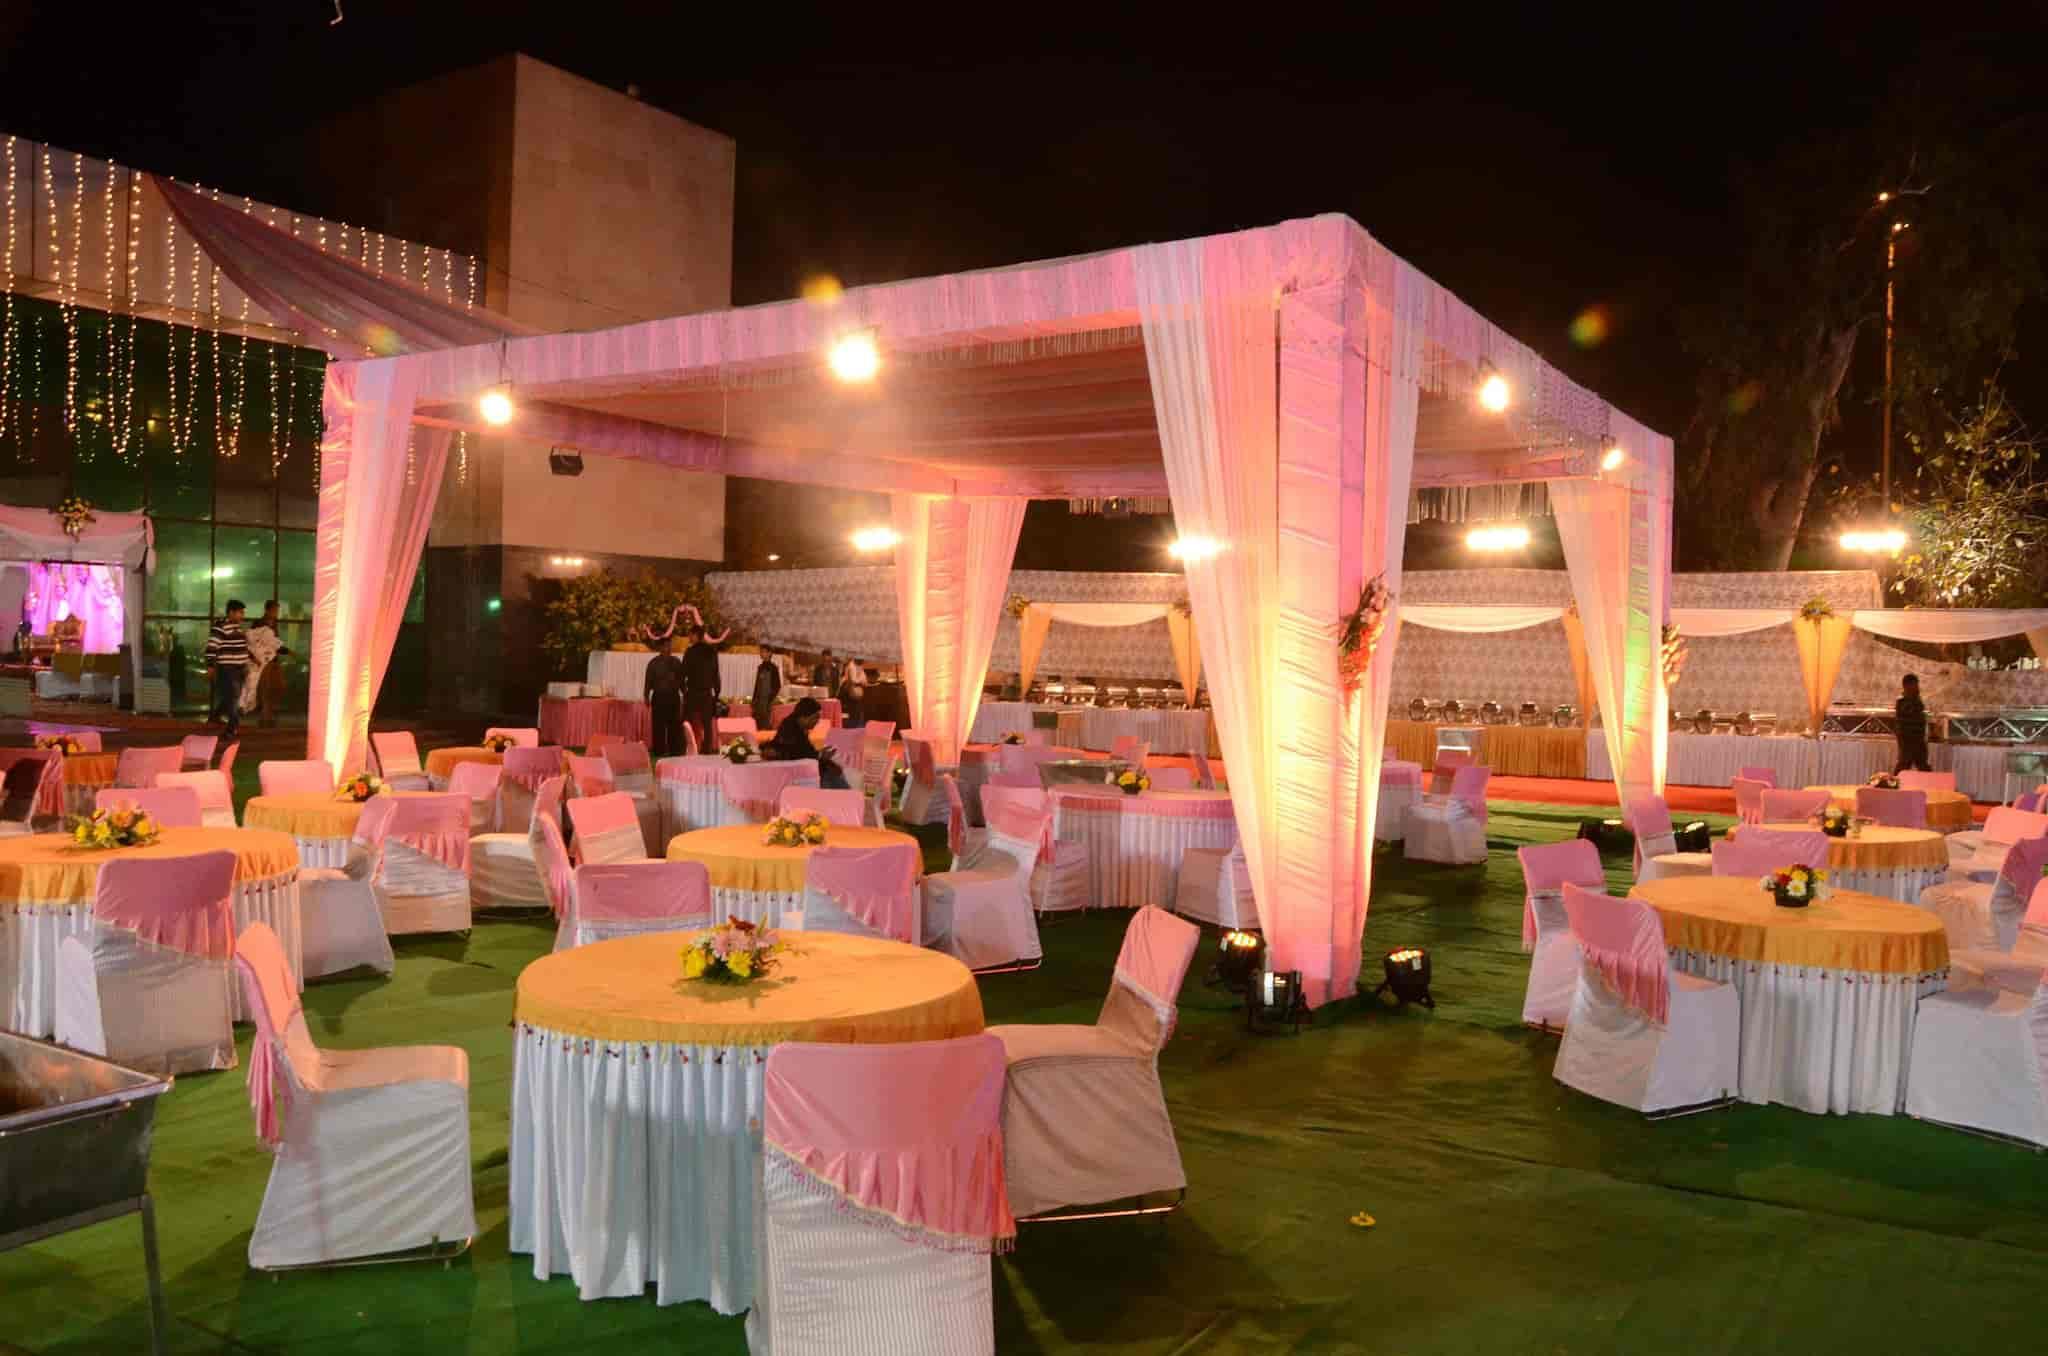 & Arora Tent House Ram Vihar - Tent House in Delhi - Justdial